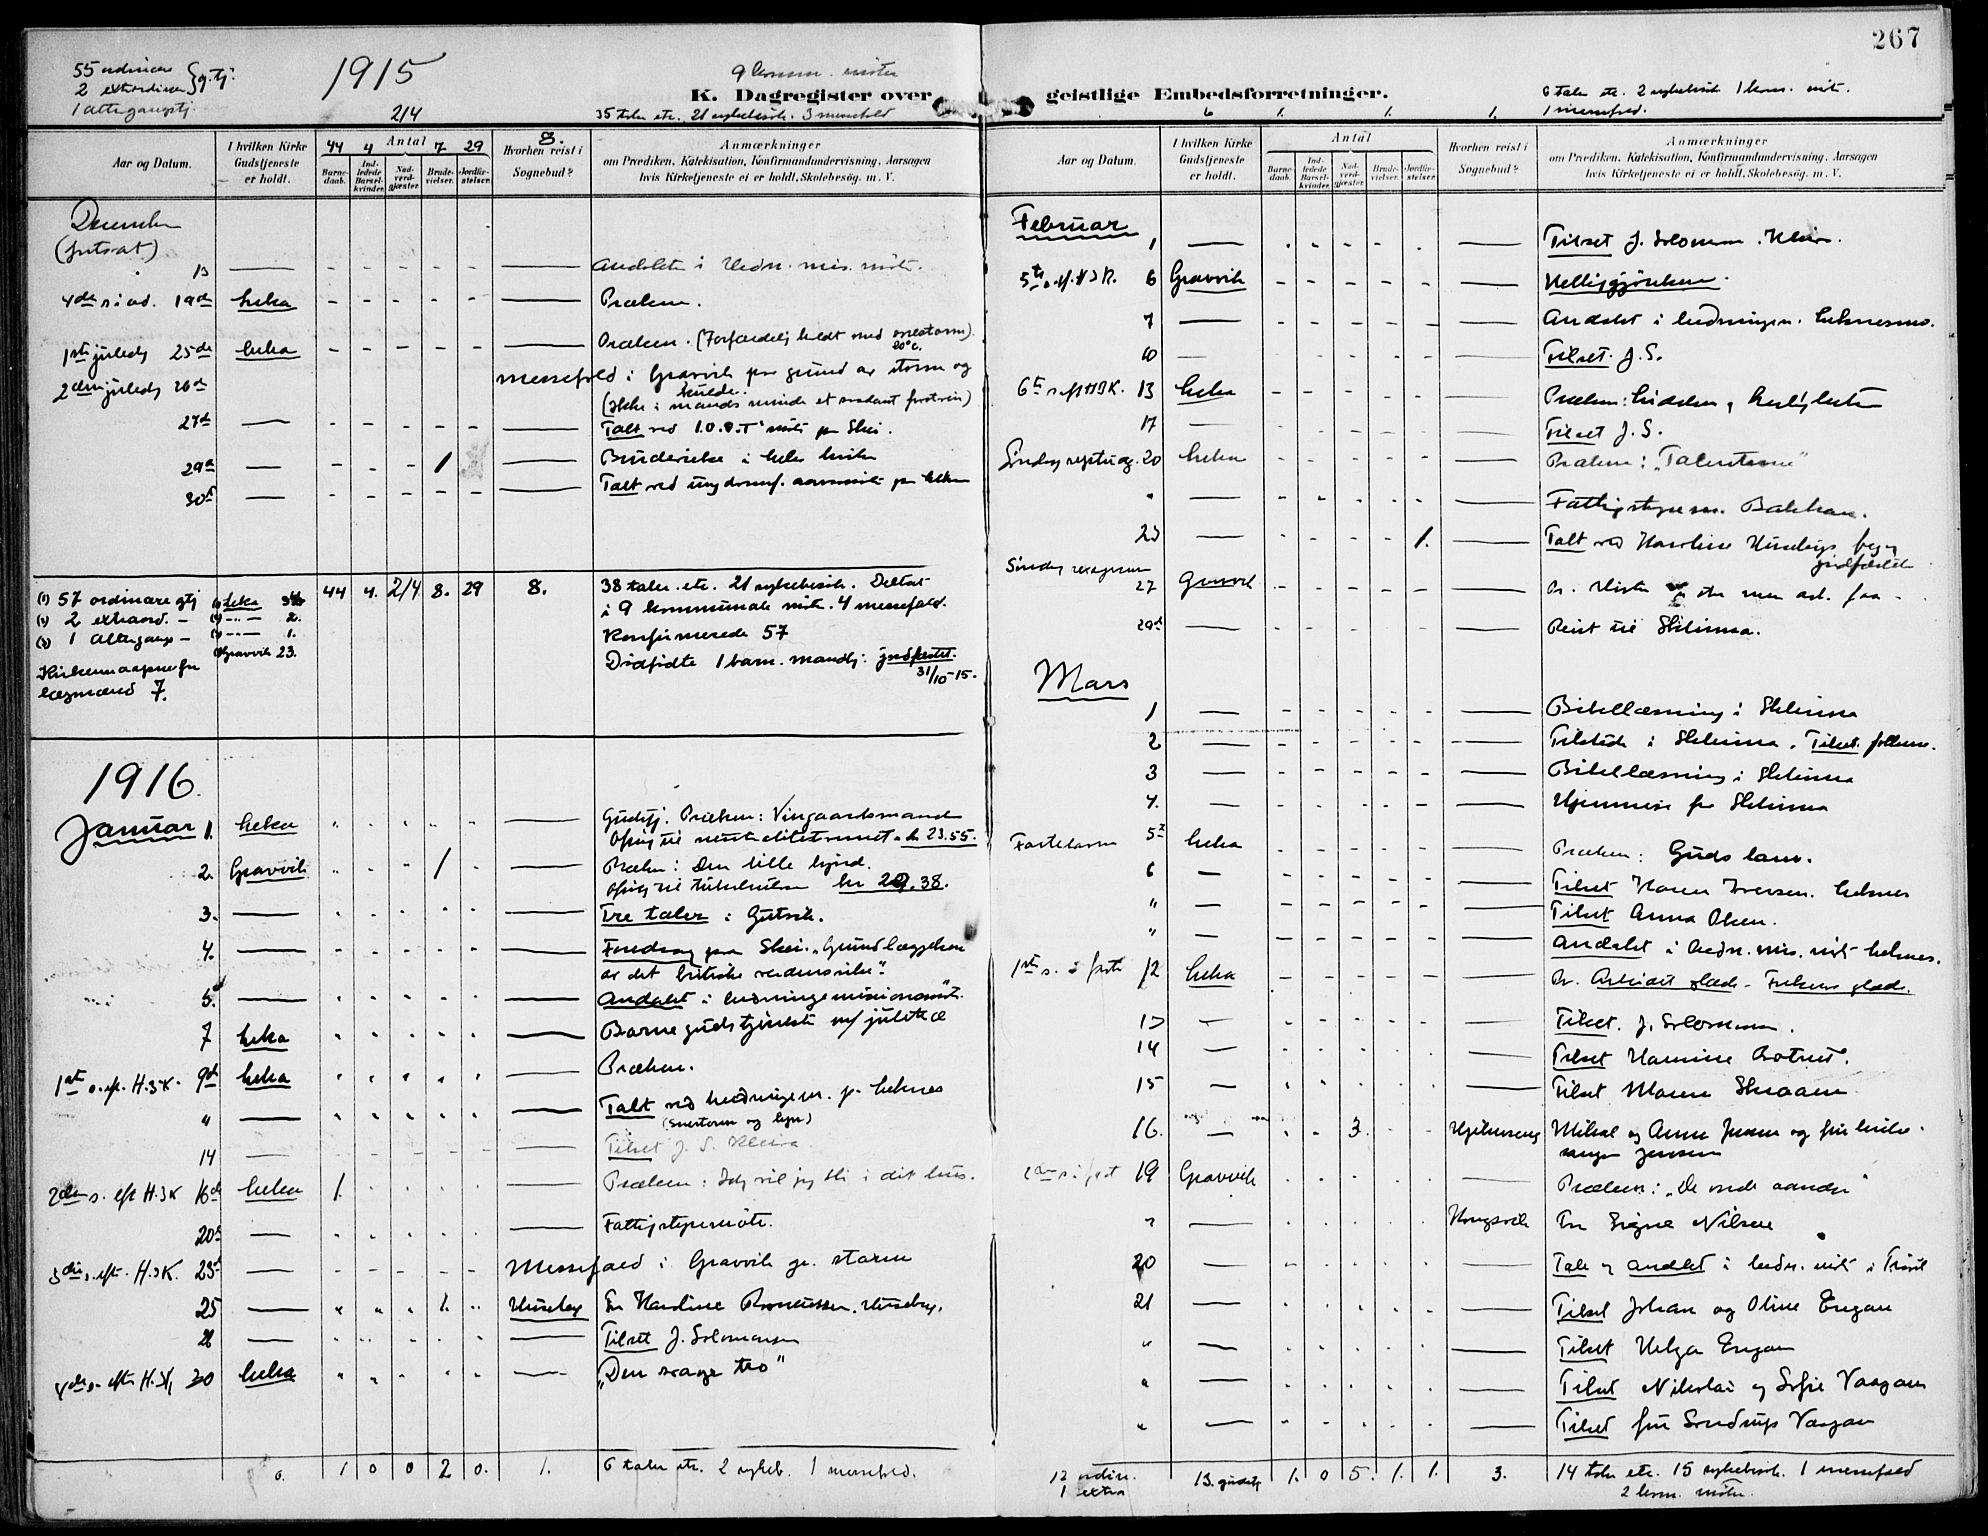 SAT, Ministerialprotokoller, klokkerbøker og fødselsregistre - Nord-Trøndelag, 788/L0698: Ministerialbok nr. 788A05, 1902-1921, s. 267